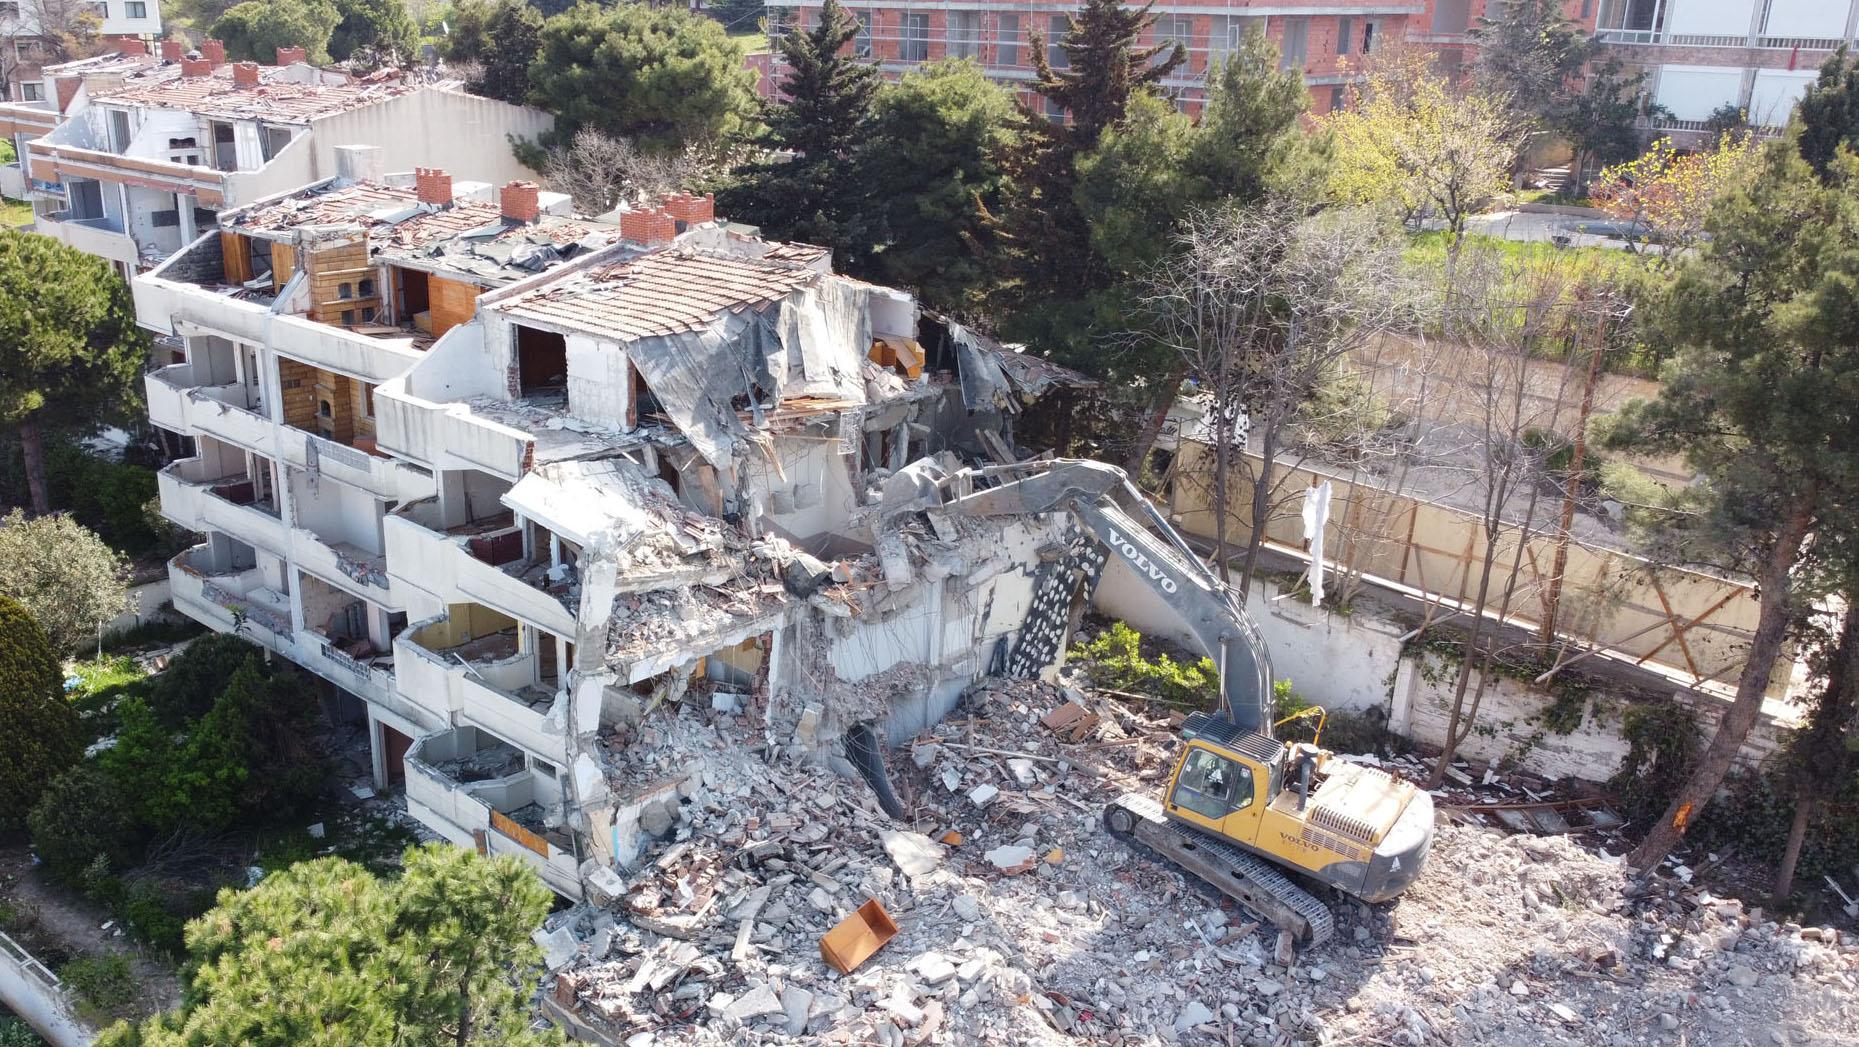 Büyükçekmece Belediyesi, Marmara Depremi'nin 22. Yılında 64 Hasarlı Konutu Yıktı